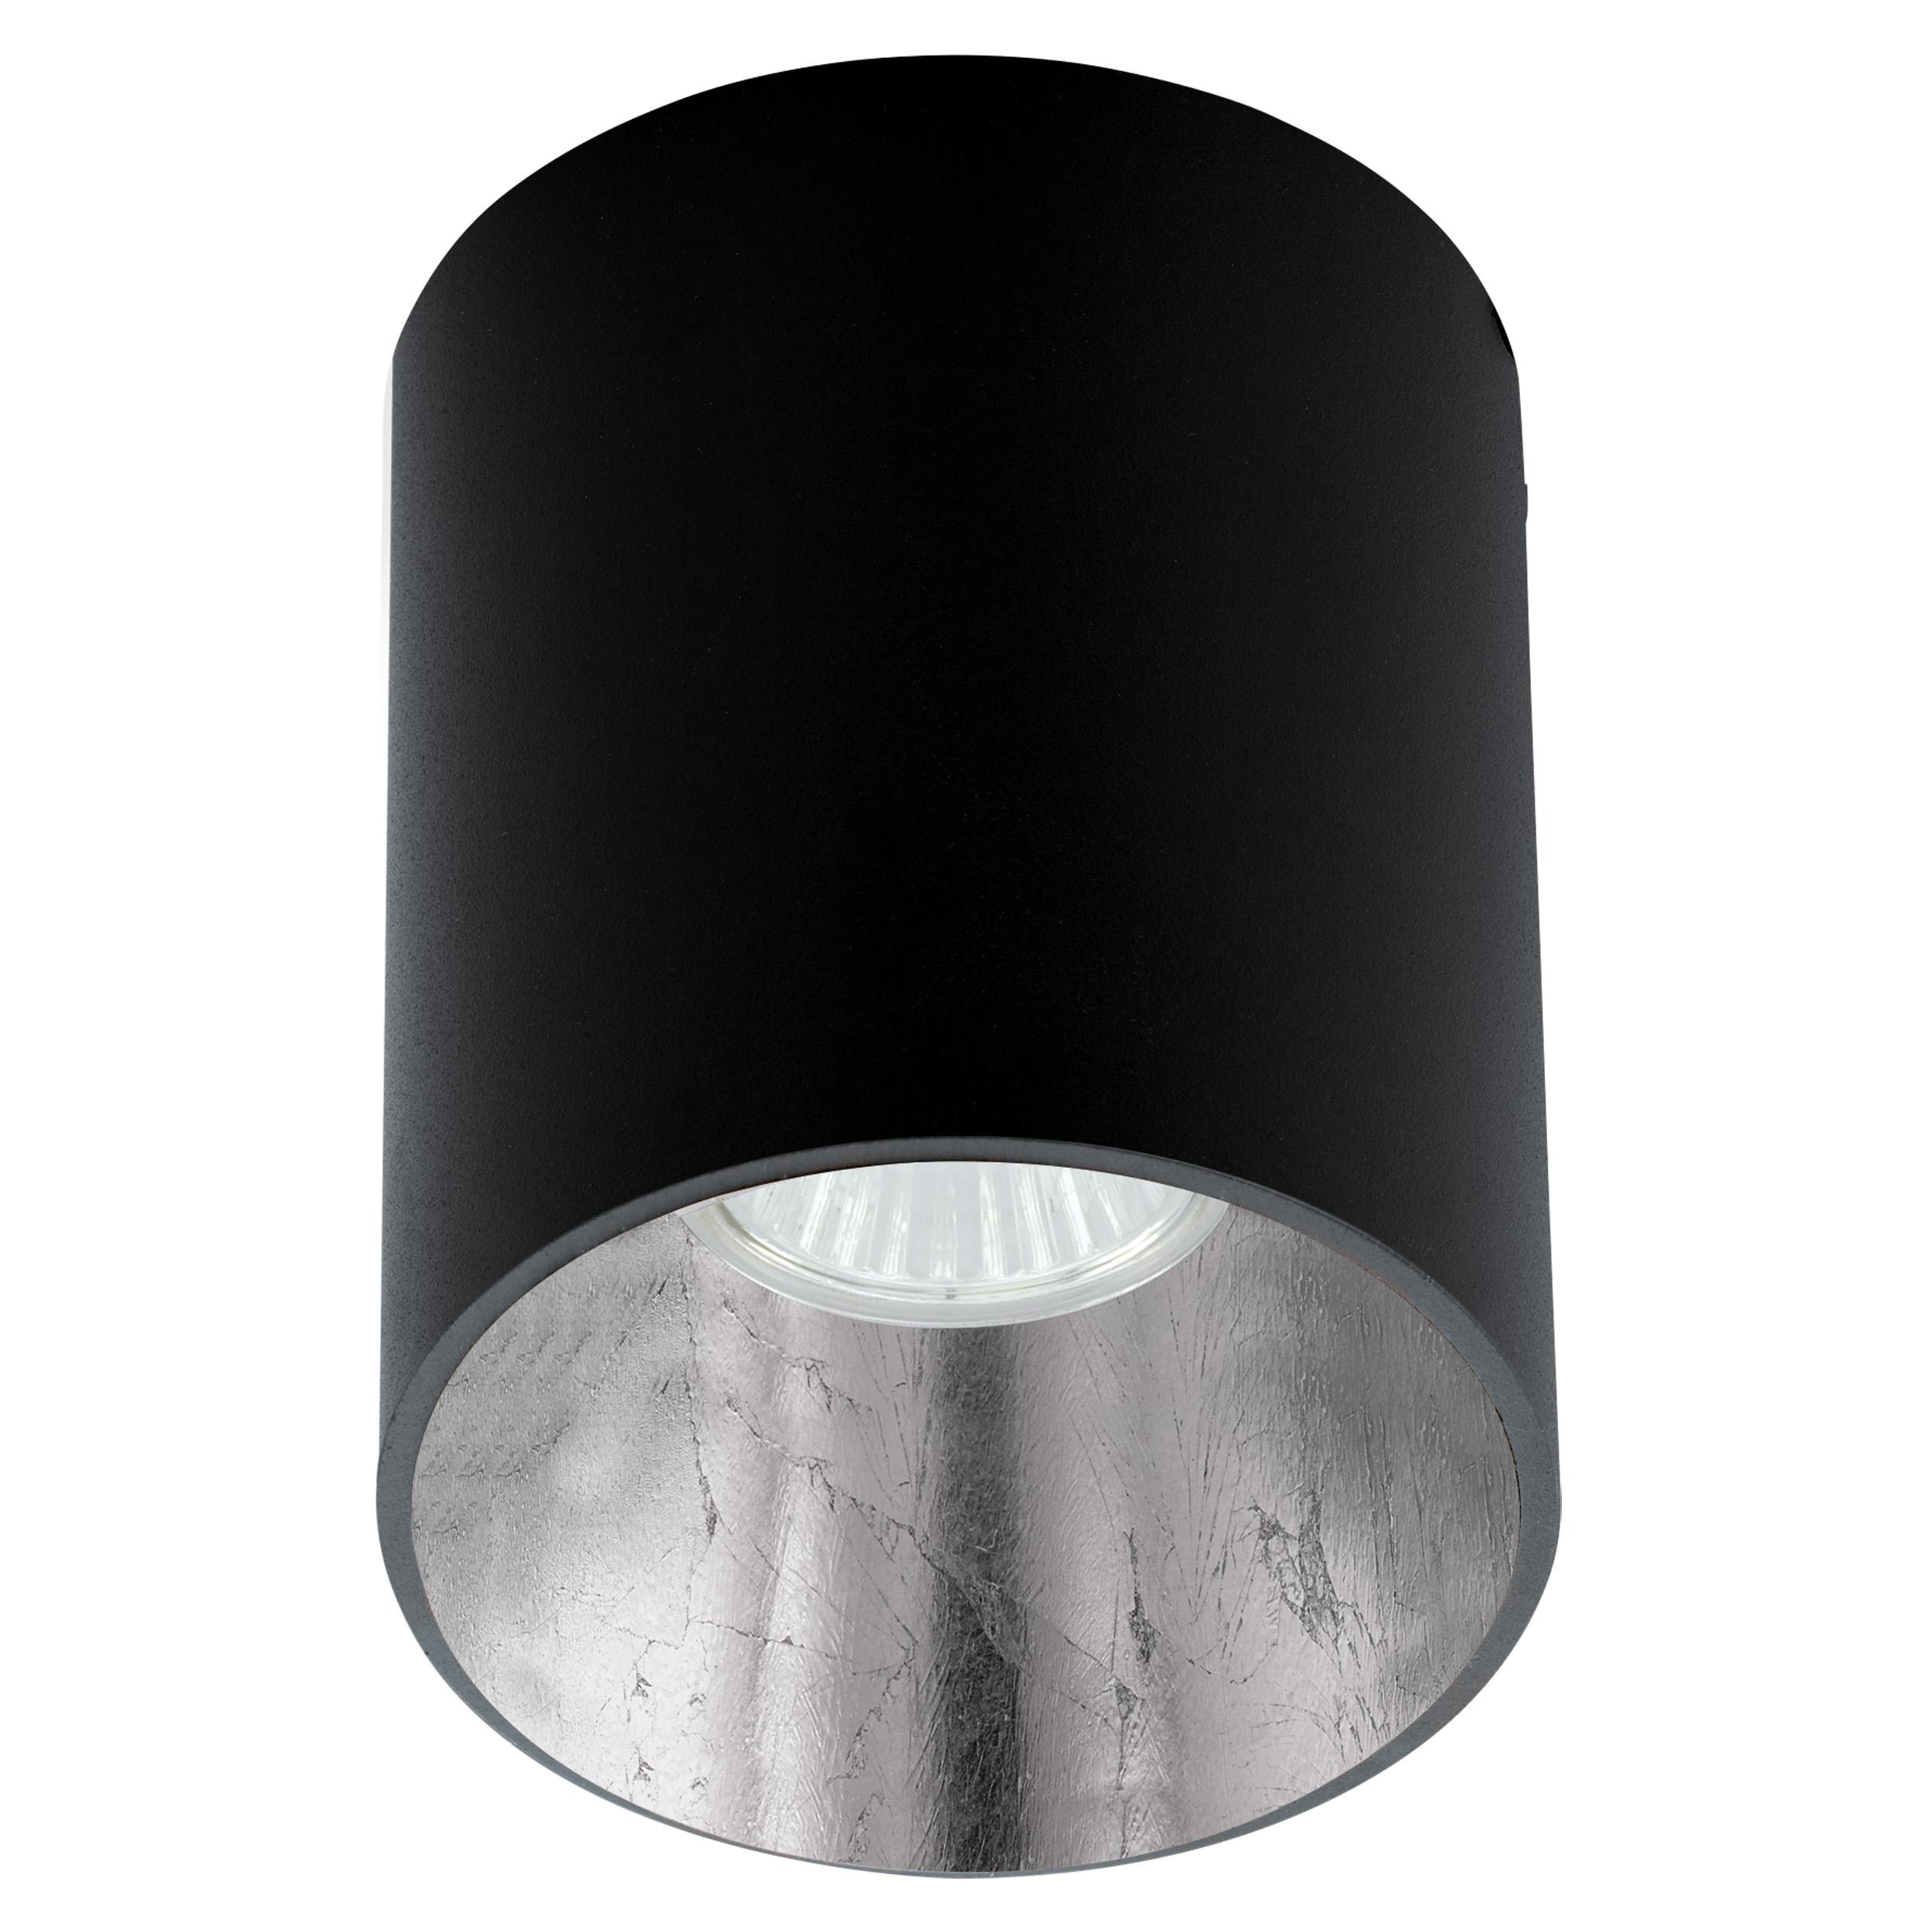 1 Stk Deckenleuchte Polasso rund 35W schwarz / silber IP20 LI62253---